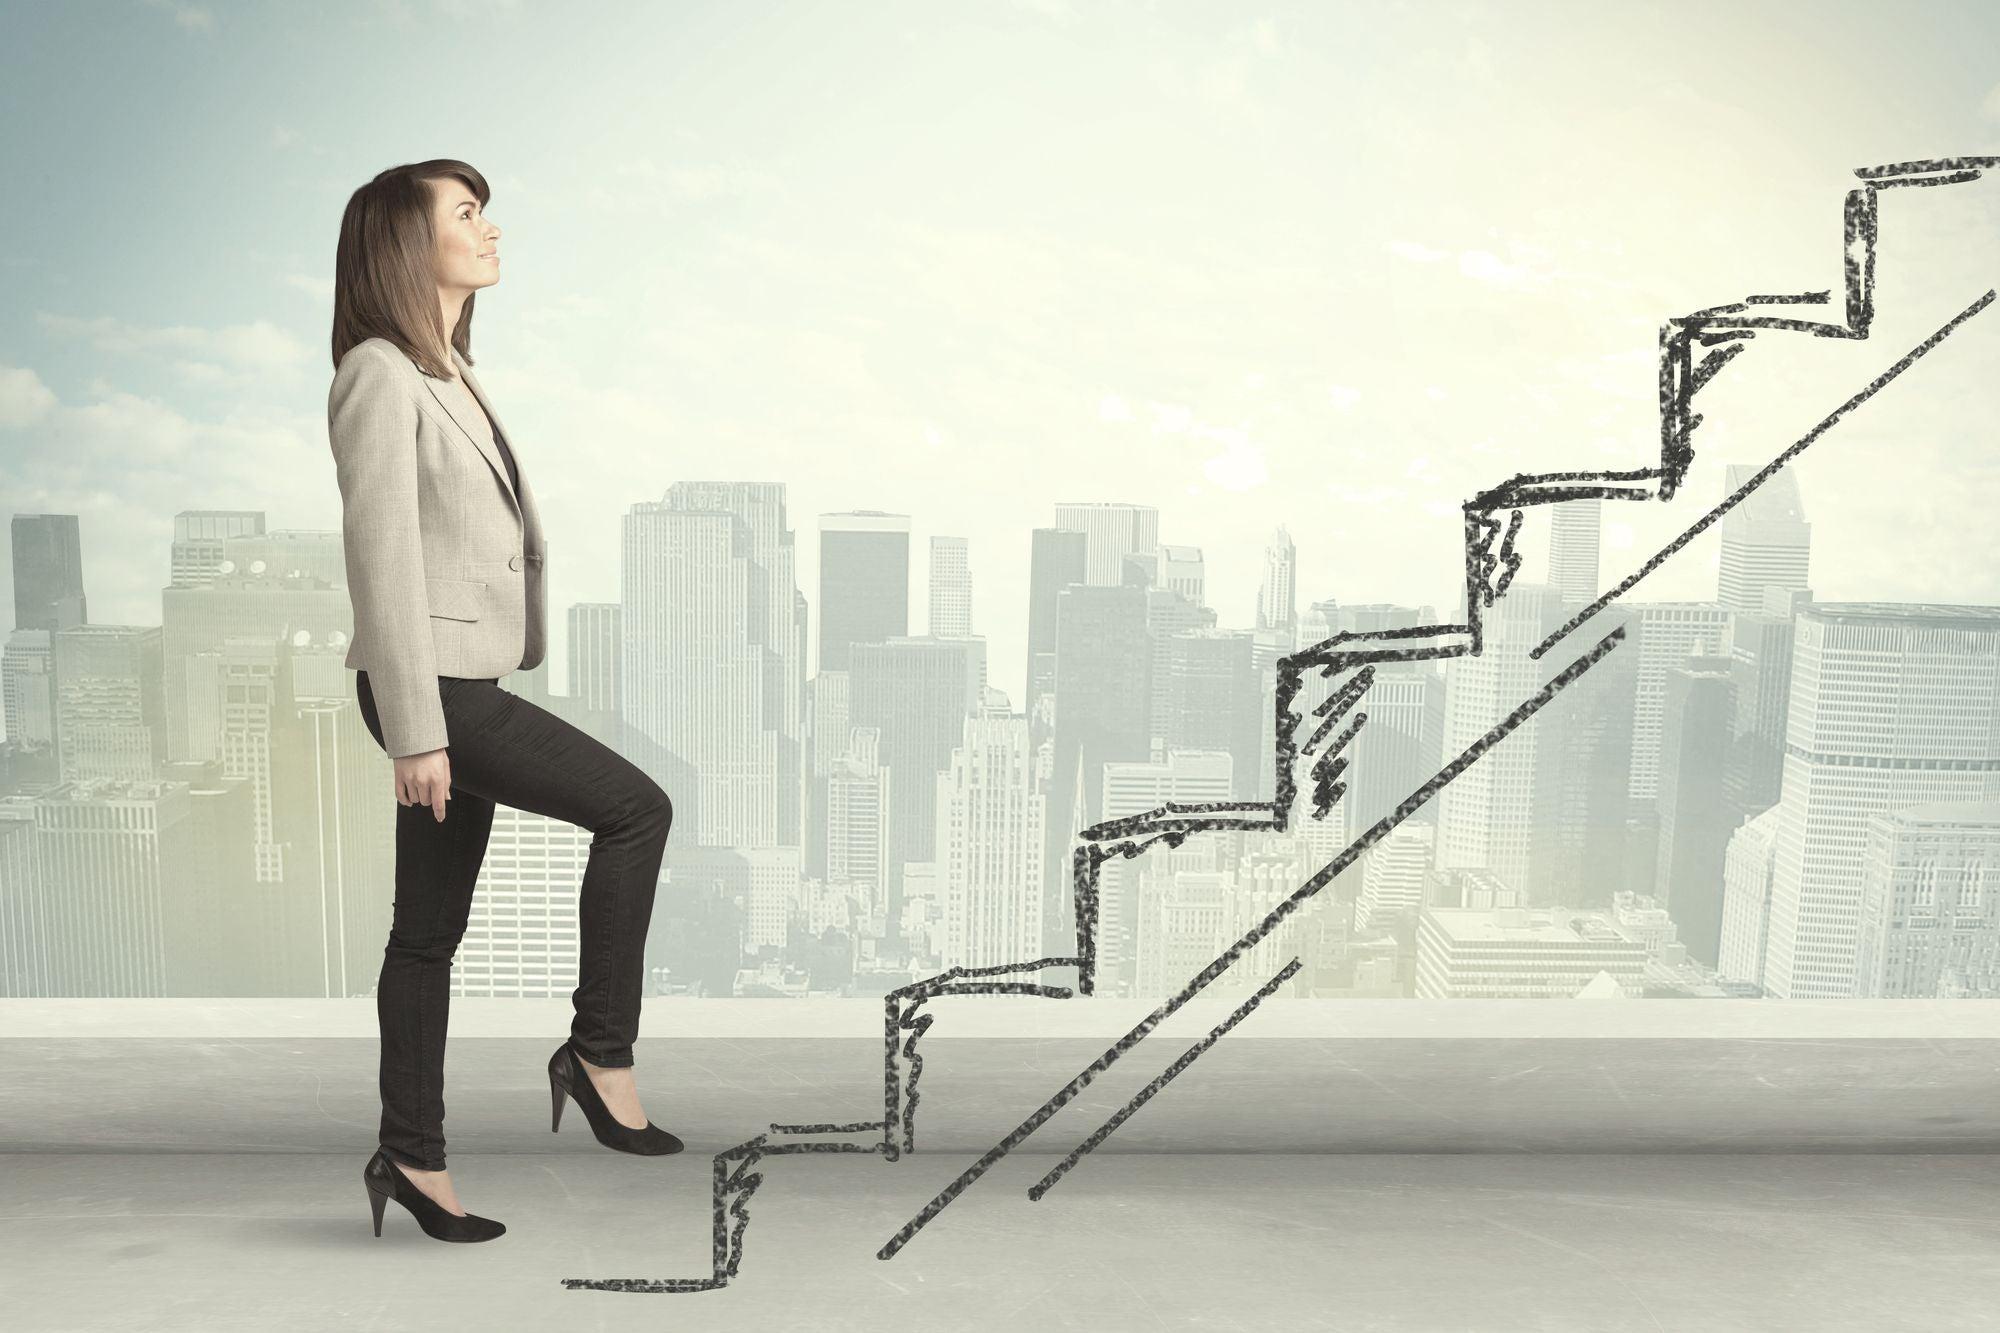 Poner tu propio negocio no es como tú crees que será: esto es lo que realmente pasará